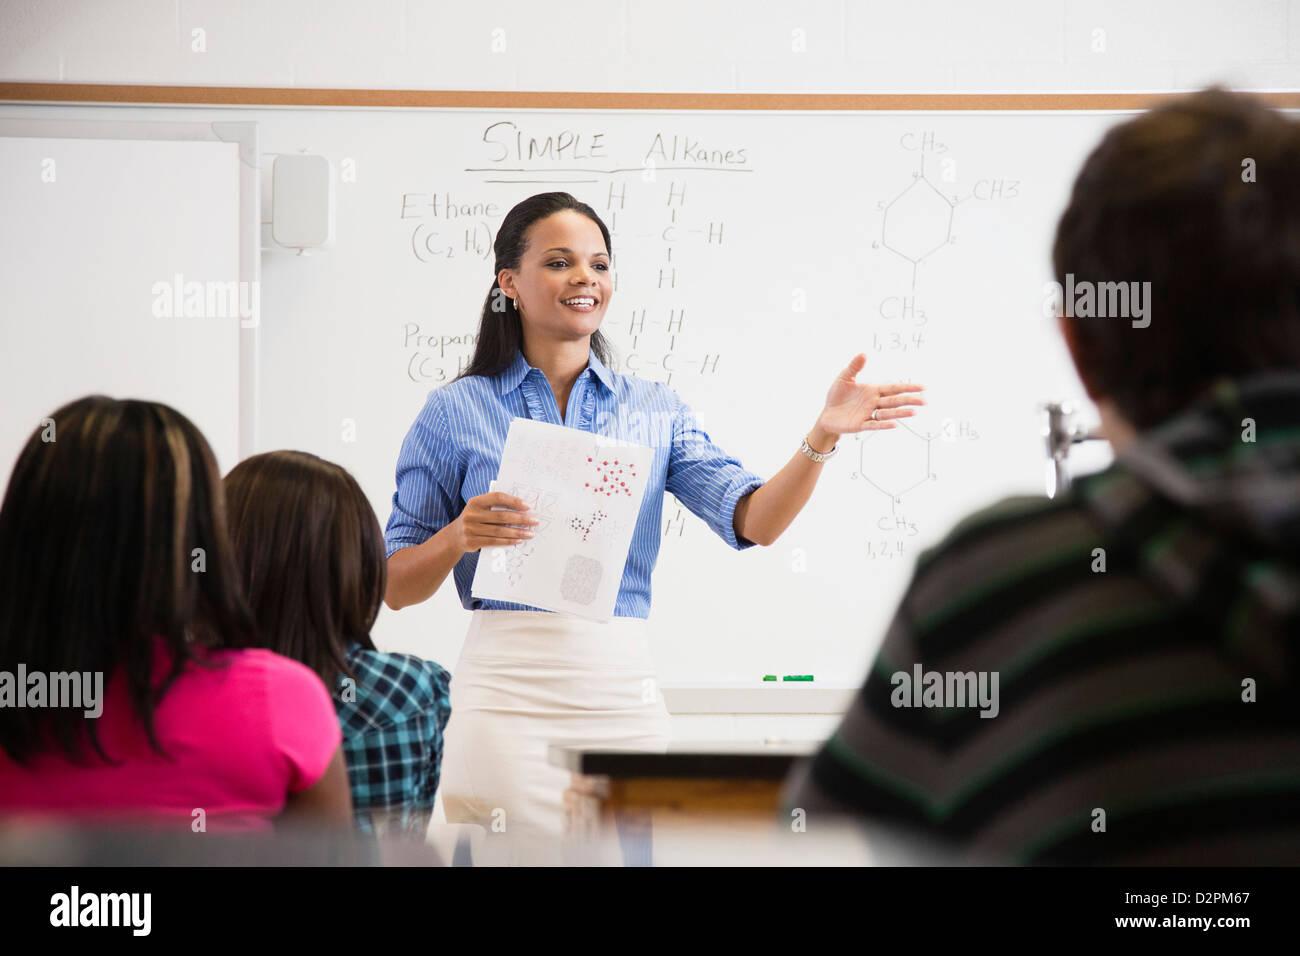 Enseignant noir de parler aux étudiants dans une salle de classe Banque D'Images